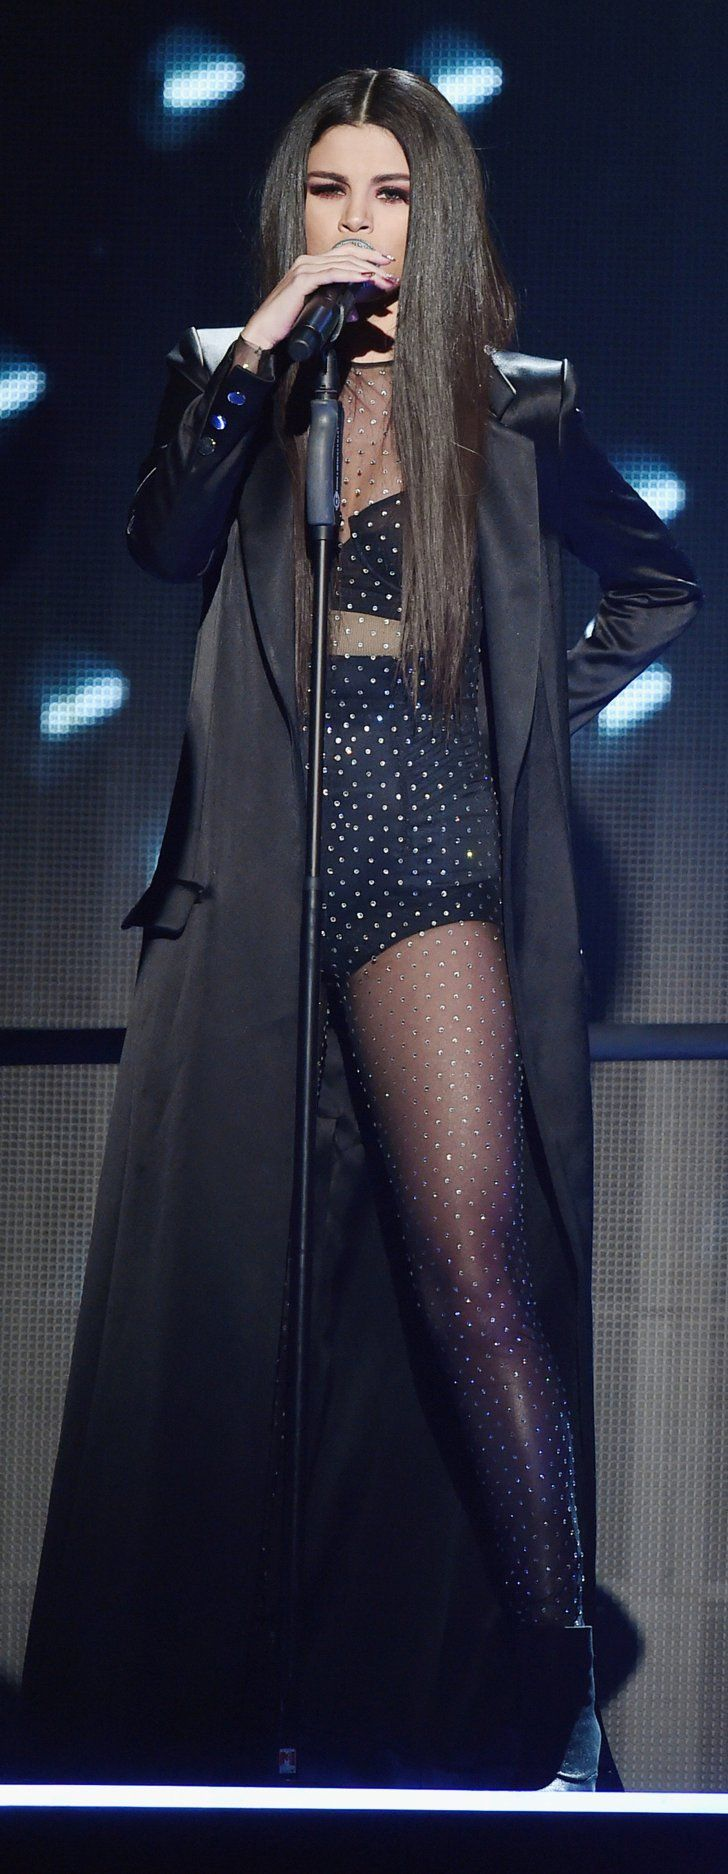 Pin for Later: Selena Gomez Était Plus Sexy Que Jamais sur la Scène des American Music Awards